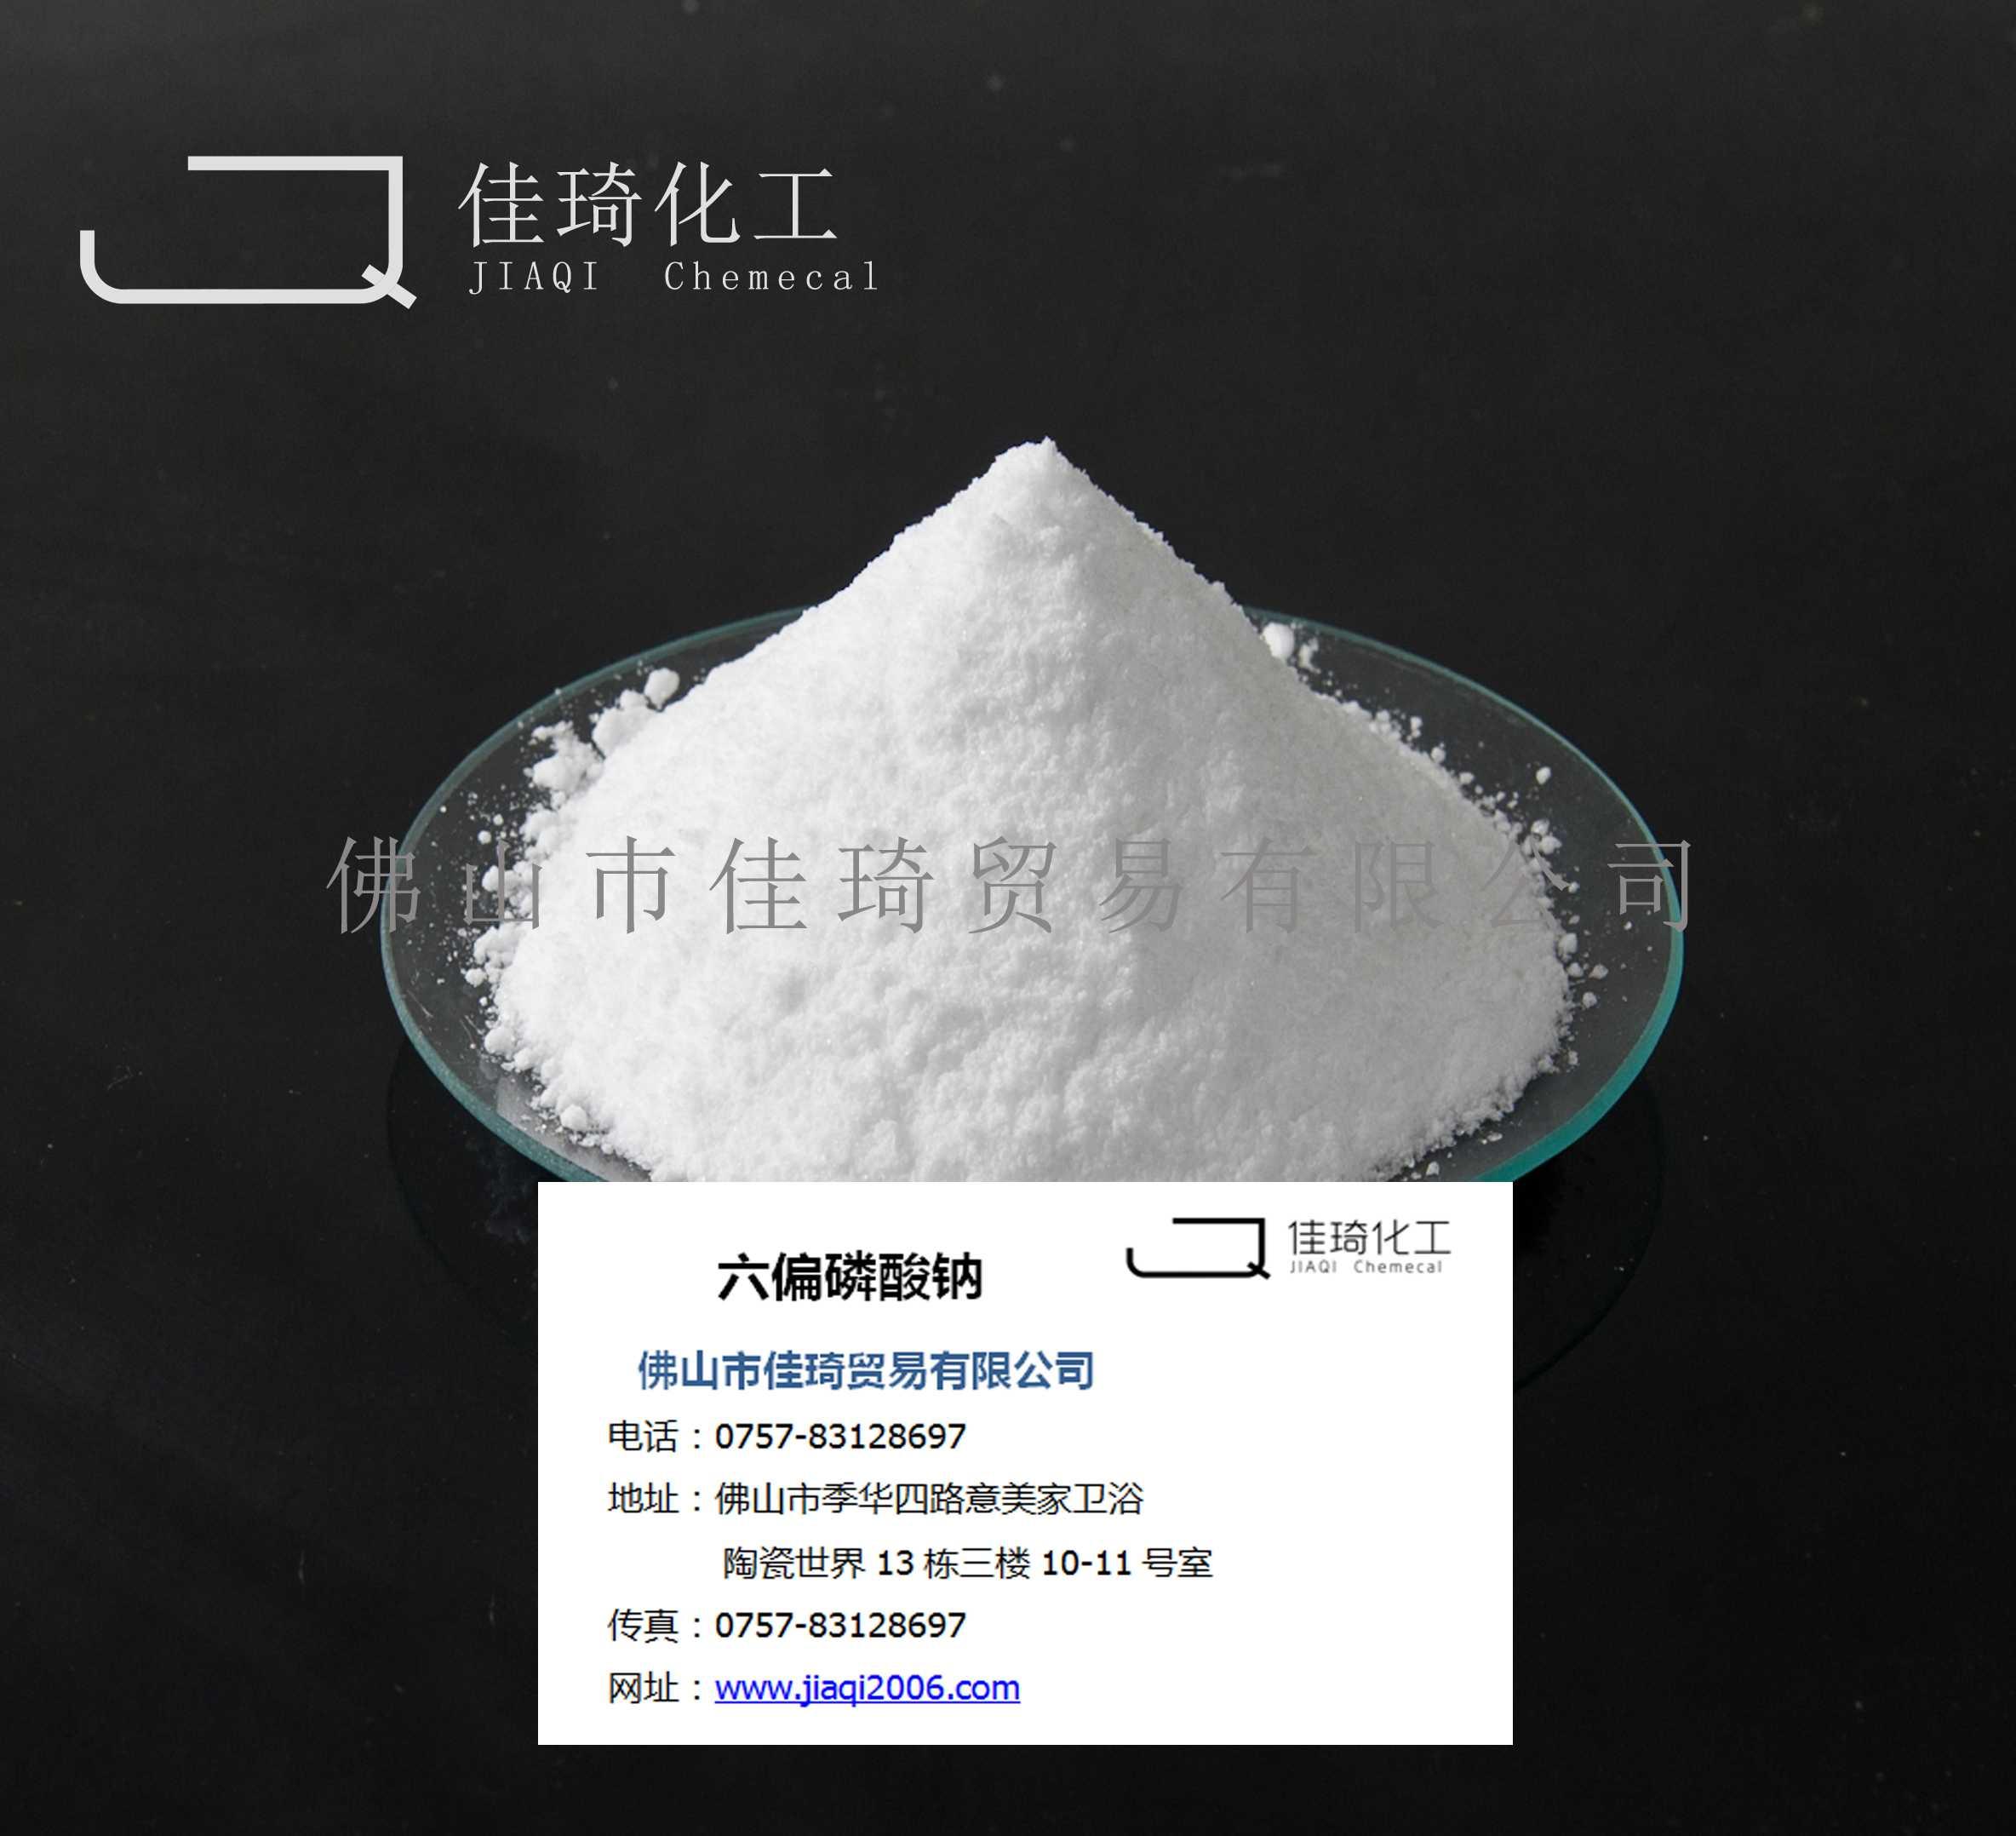 磷酸镍分子结构示意图